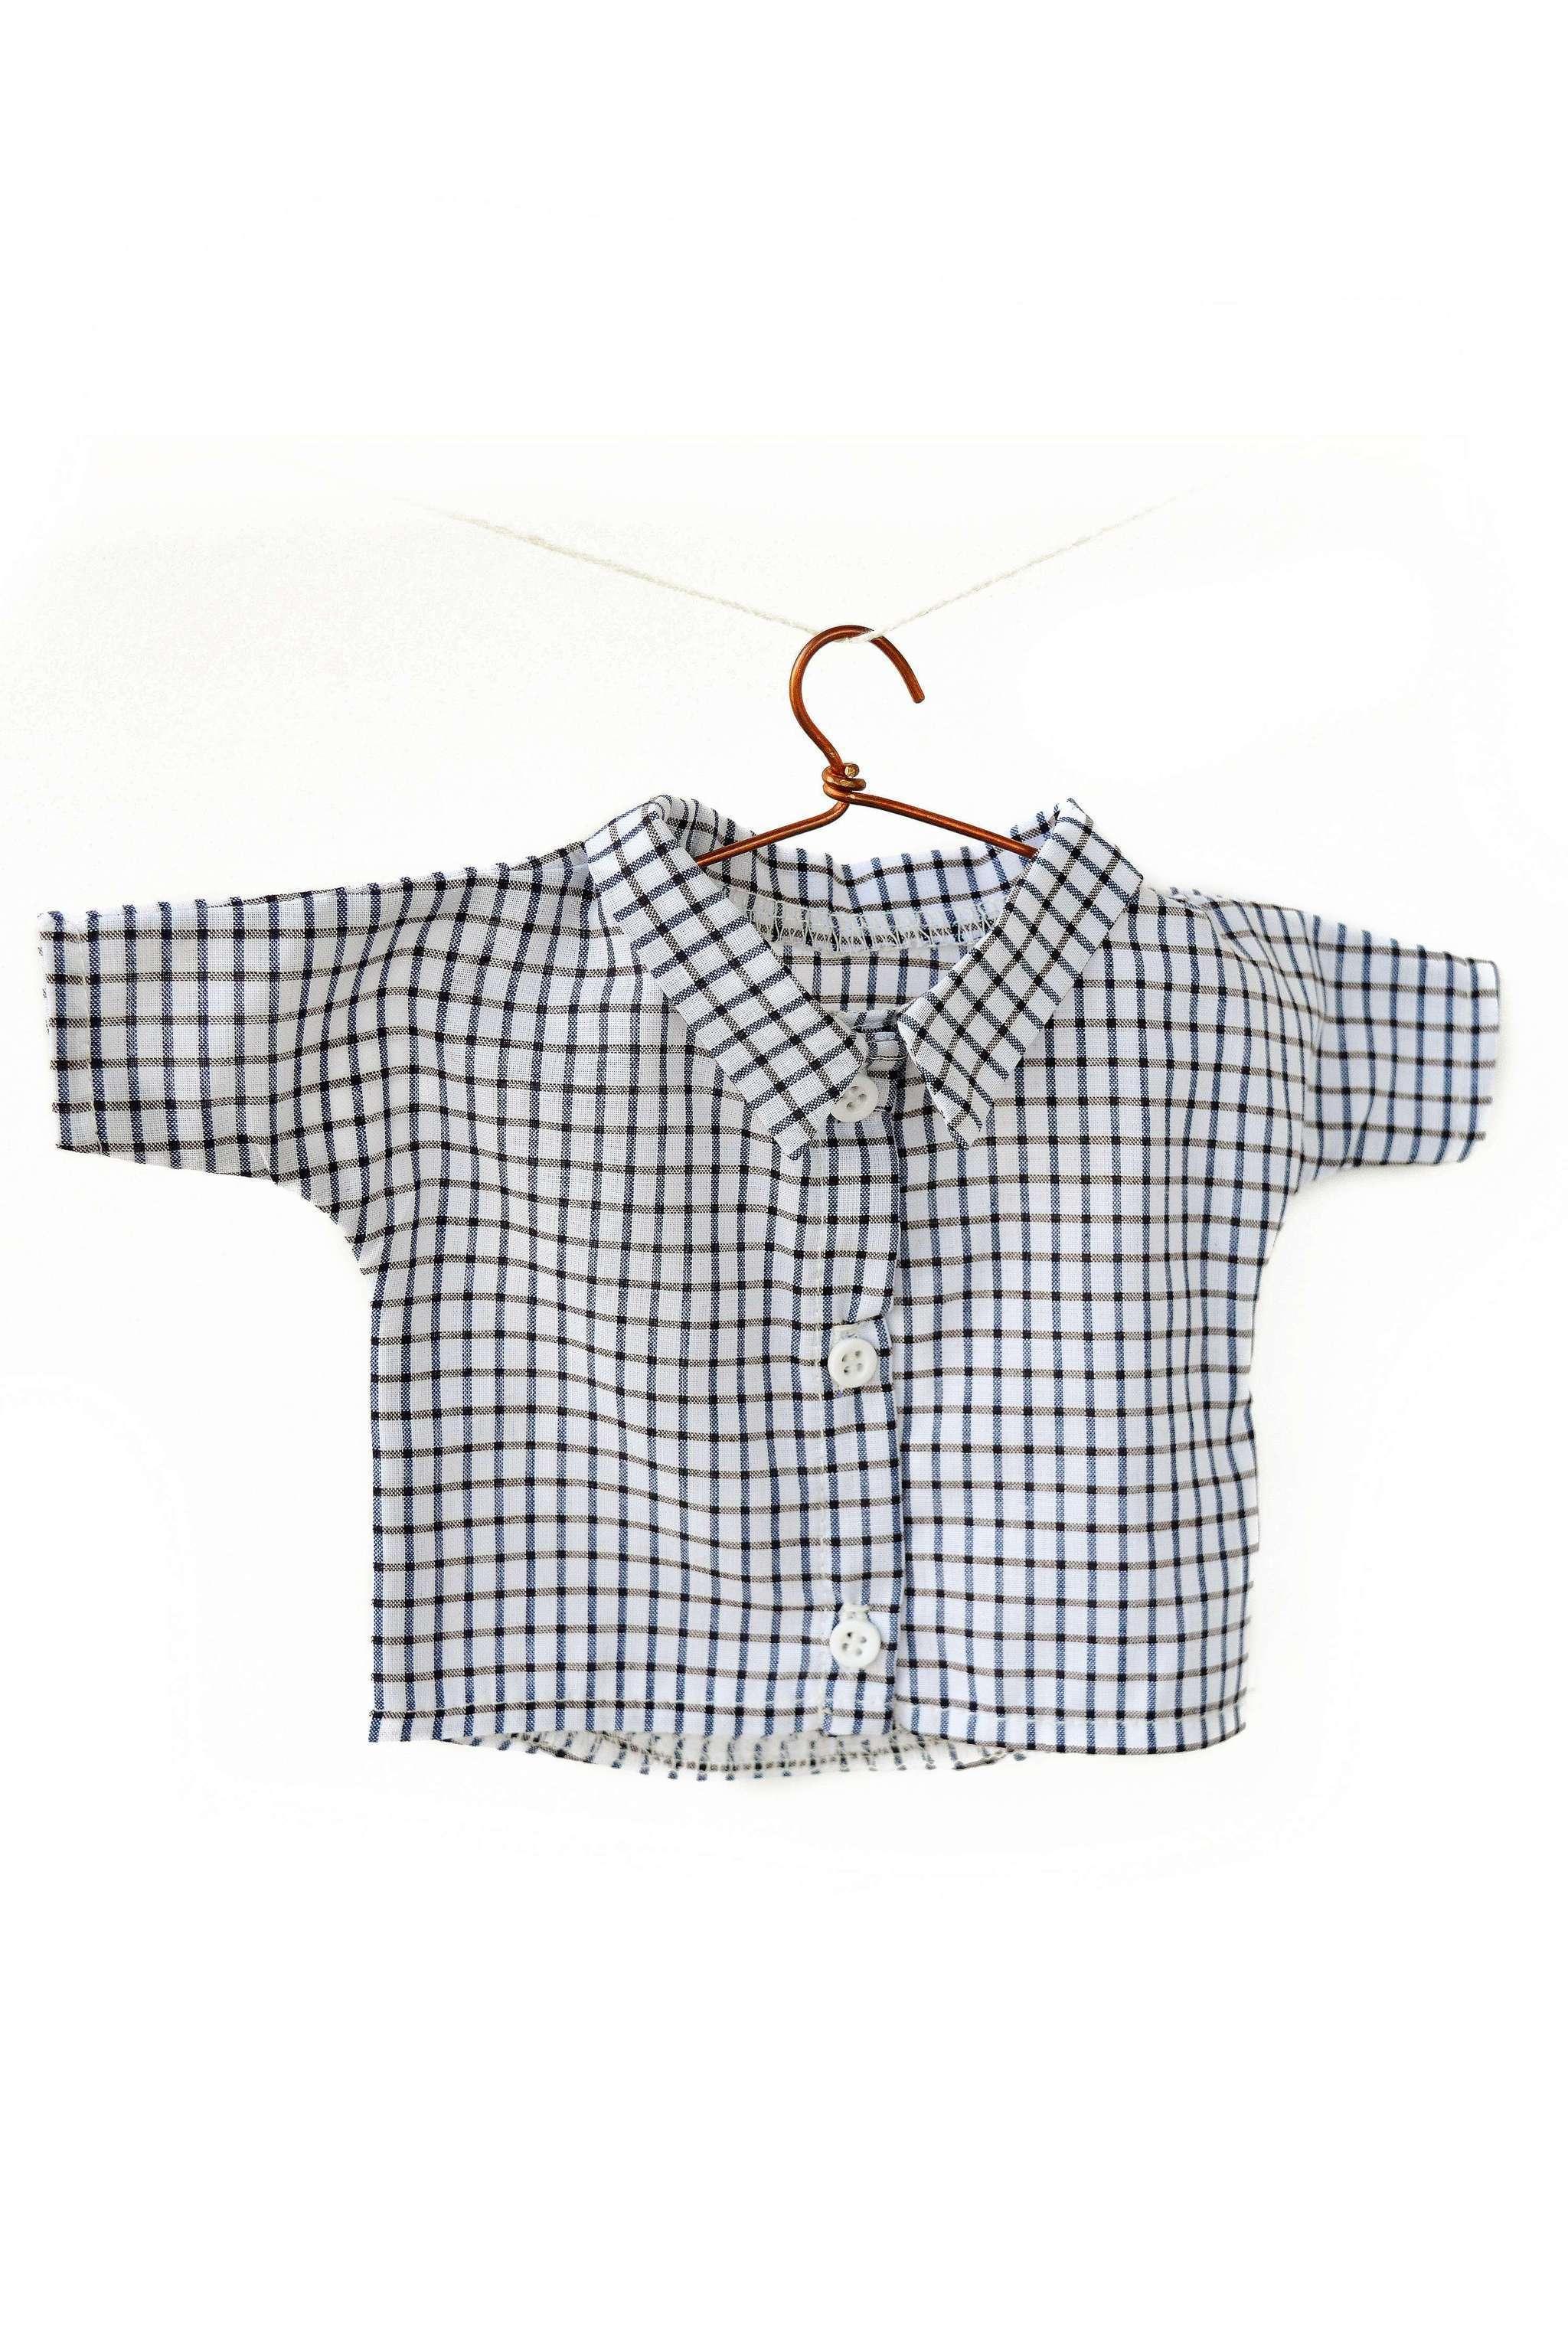 Skjorte (Philomena Kloss bamse)